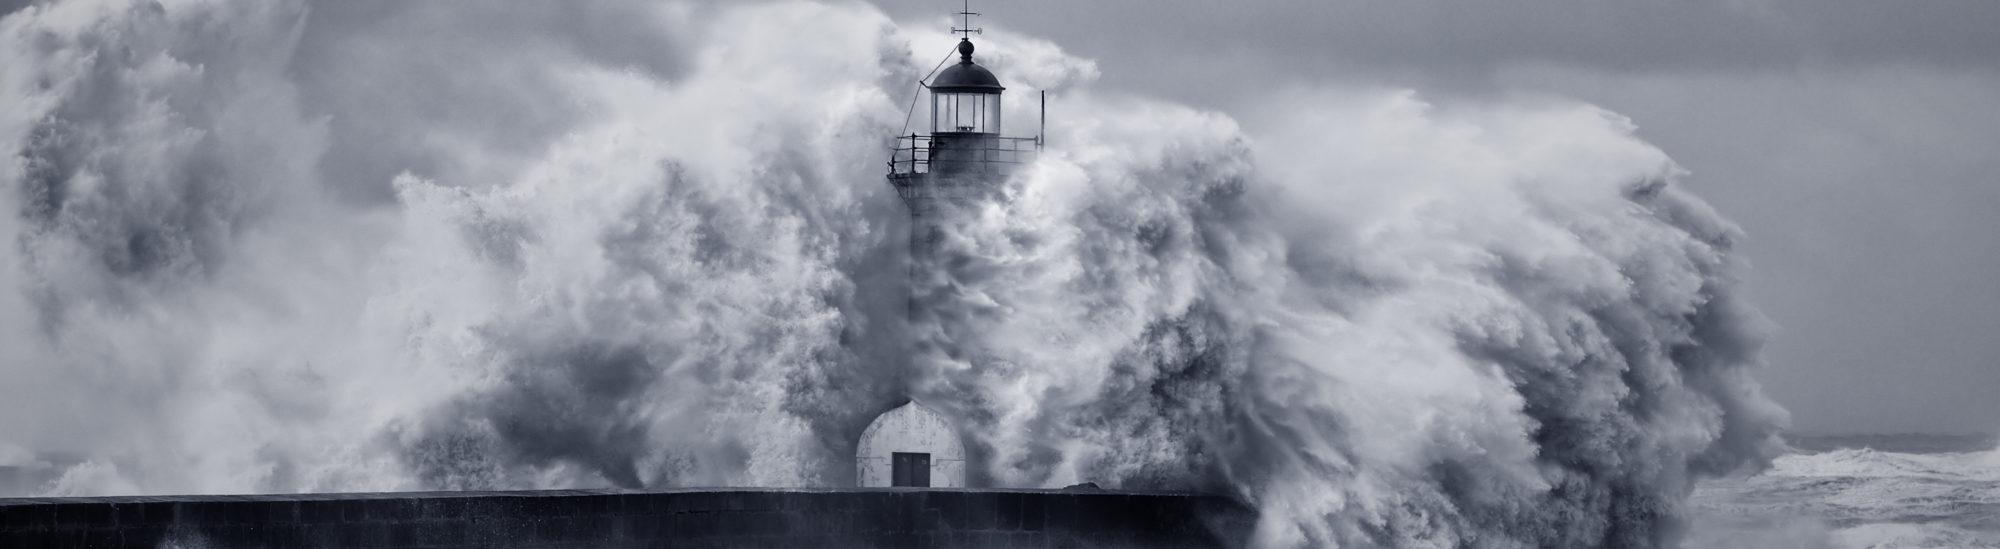 Managing Litigation Risk